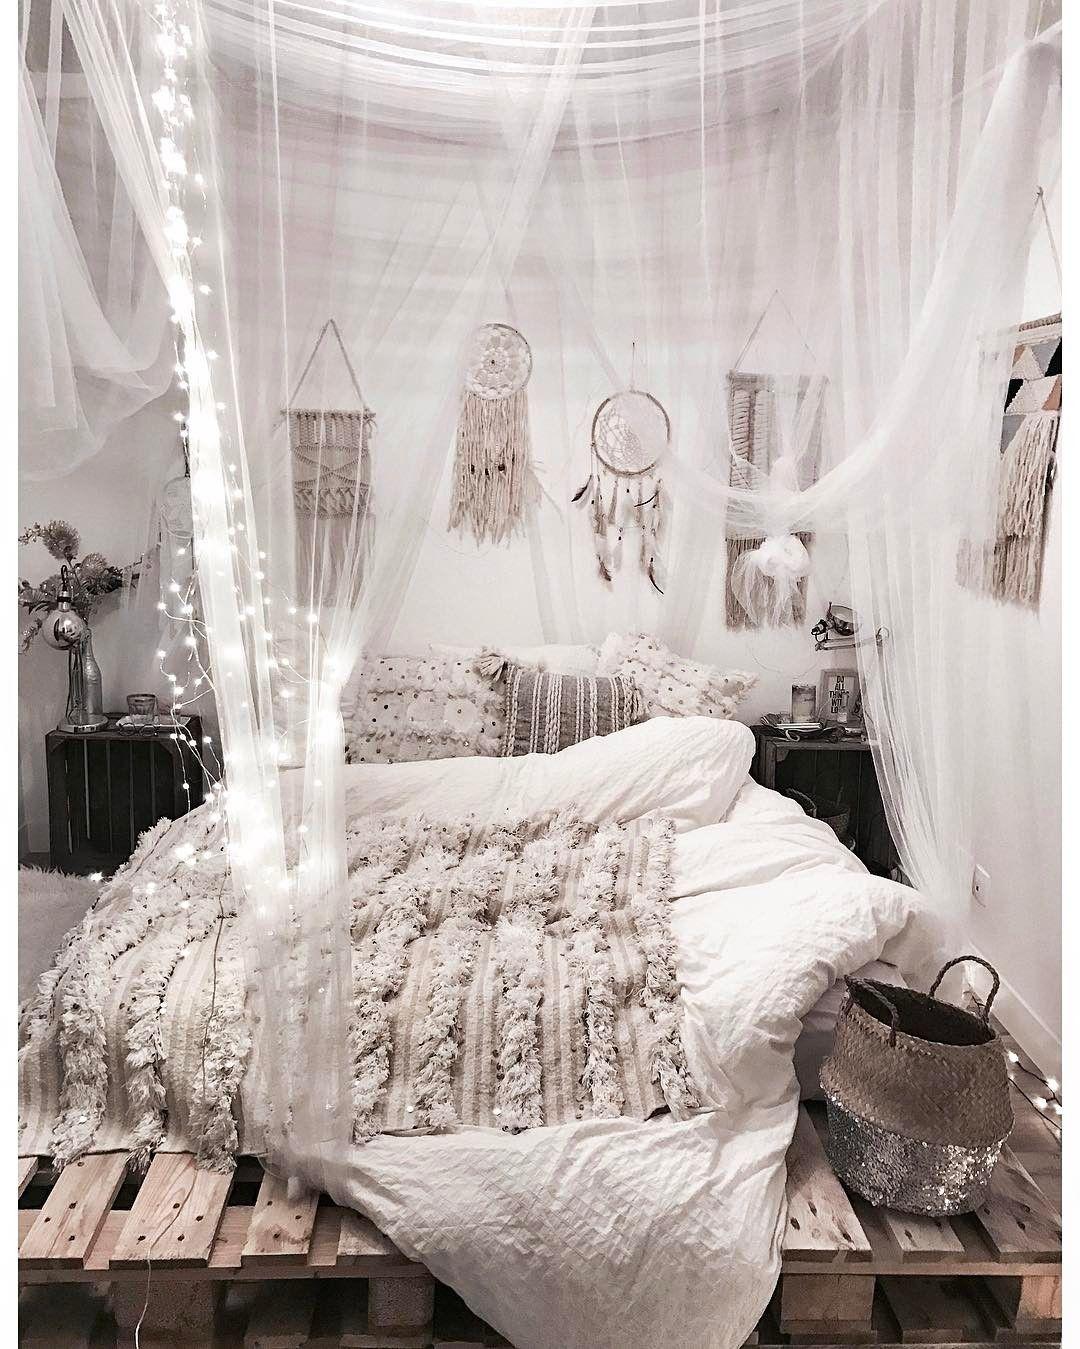 Noeudsjustine O Bohemian Style BedroomsBoho RoomBohemian Bedroom DesignBoho IdeasWhite